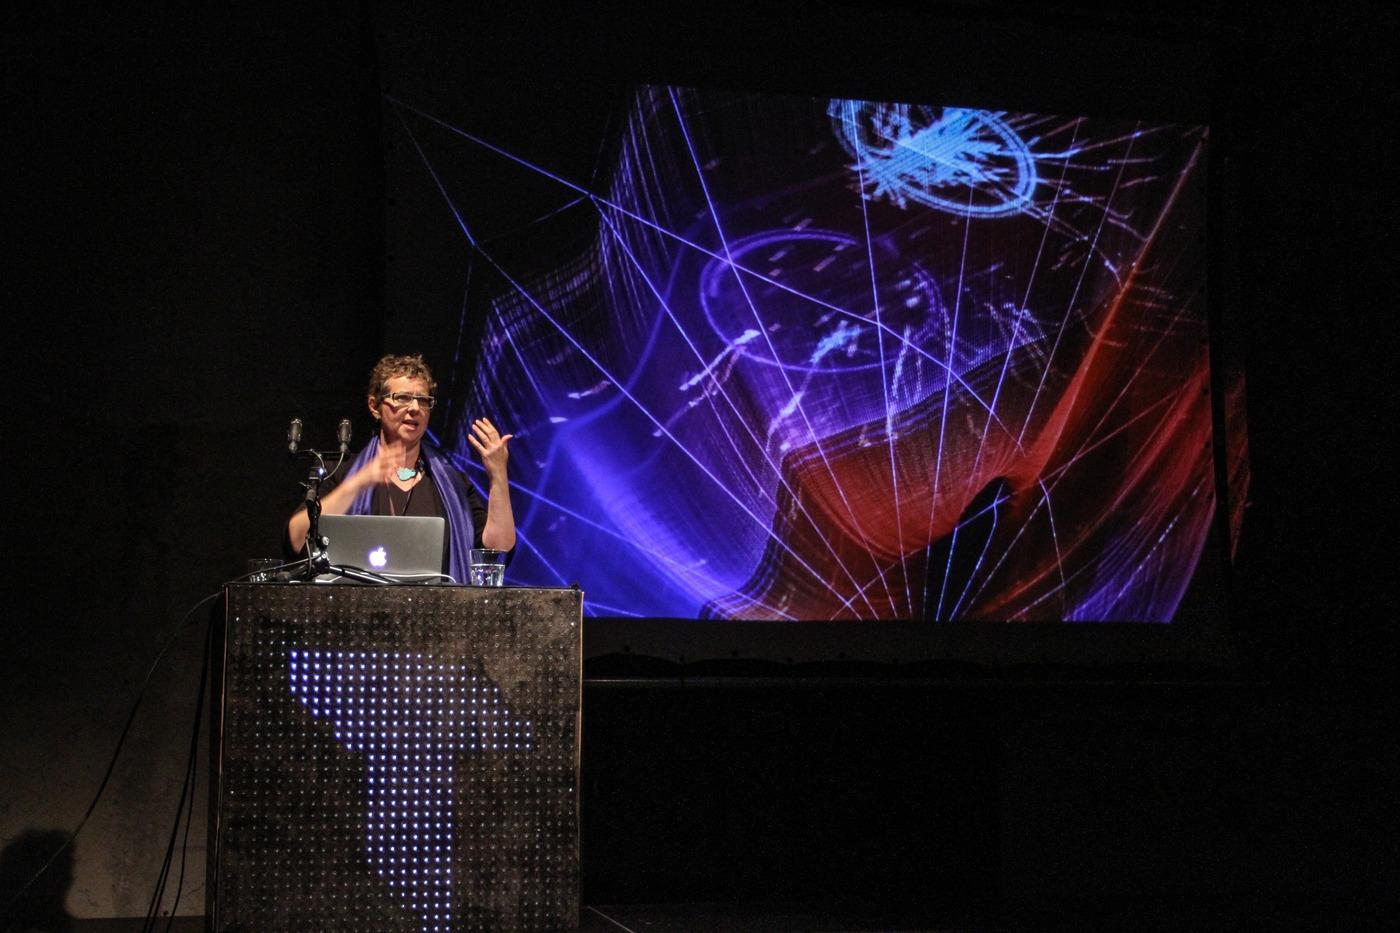 Konference Transmit - Janet Echelman